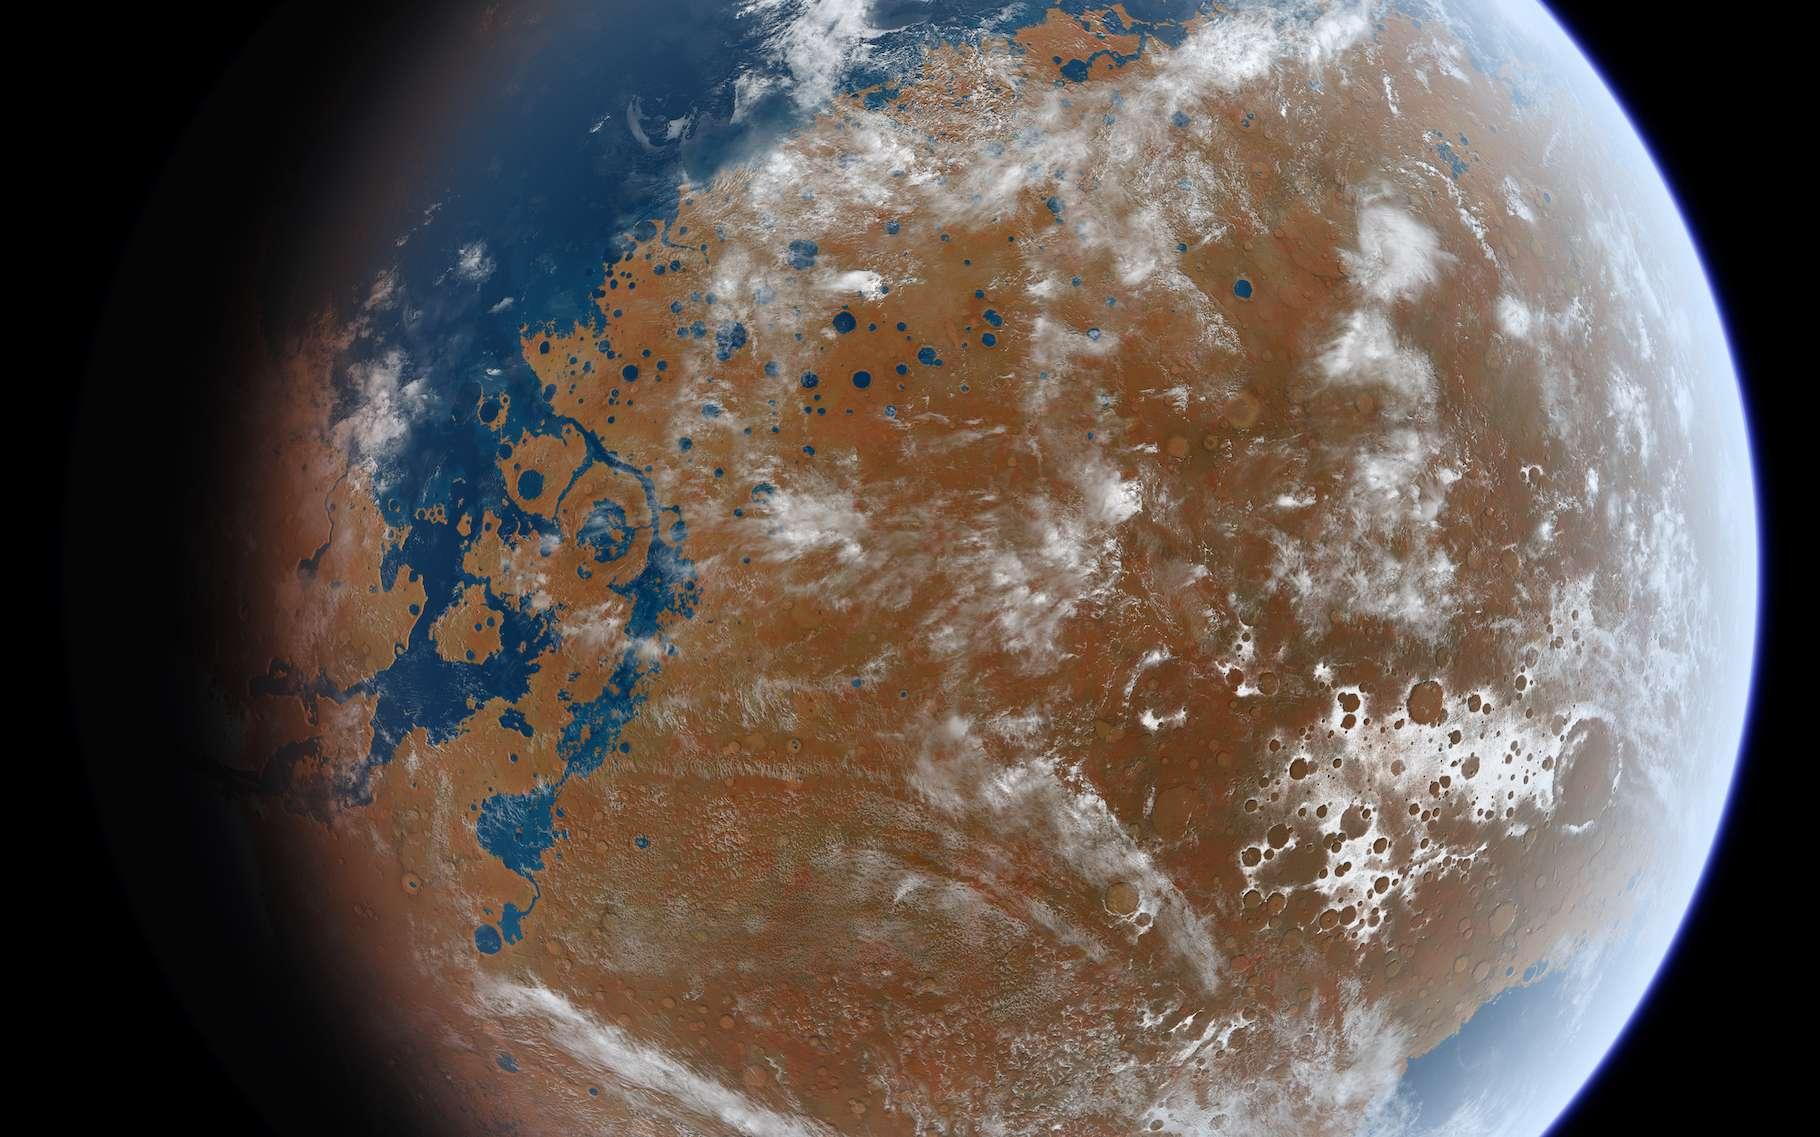 Ce n'est pas notre Terre, mais bien une vue d'artiste de la planète Mars tel qu'elle a pu se présenter par le passé, avec un climat plus doux que celui qu'elle connait aujourd'hui. Selon des chercheurs de l'université de Chicago (États-Unis), grâce à des nuages de glace d'eau formés en altitude et à l'effet de serre qu'ils ont provoqué. © Ittiz, Wikipedia, CC by-SA 3.0